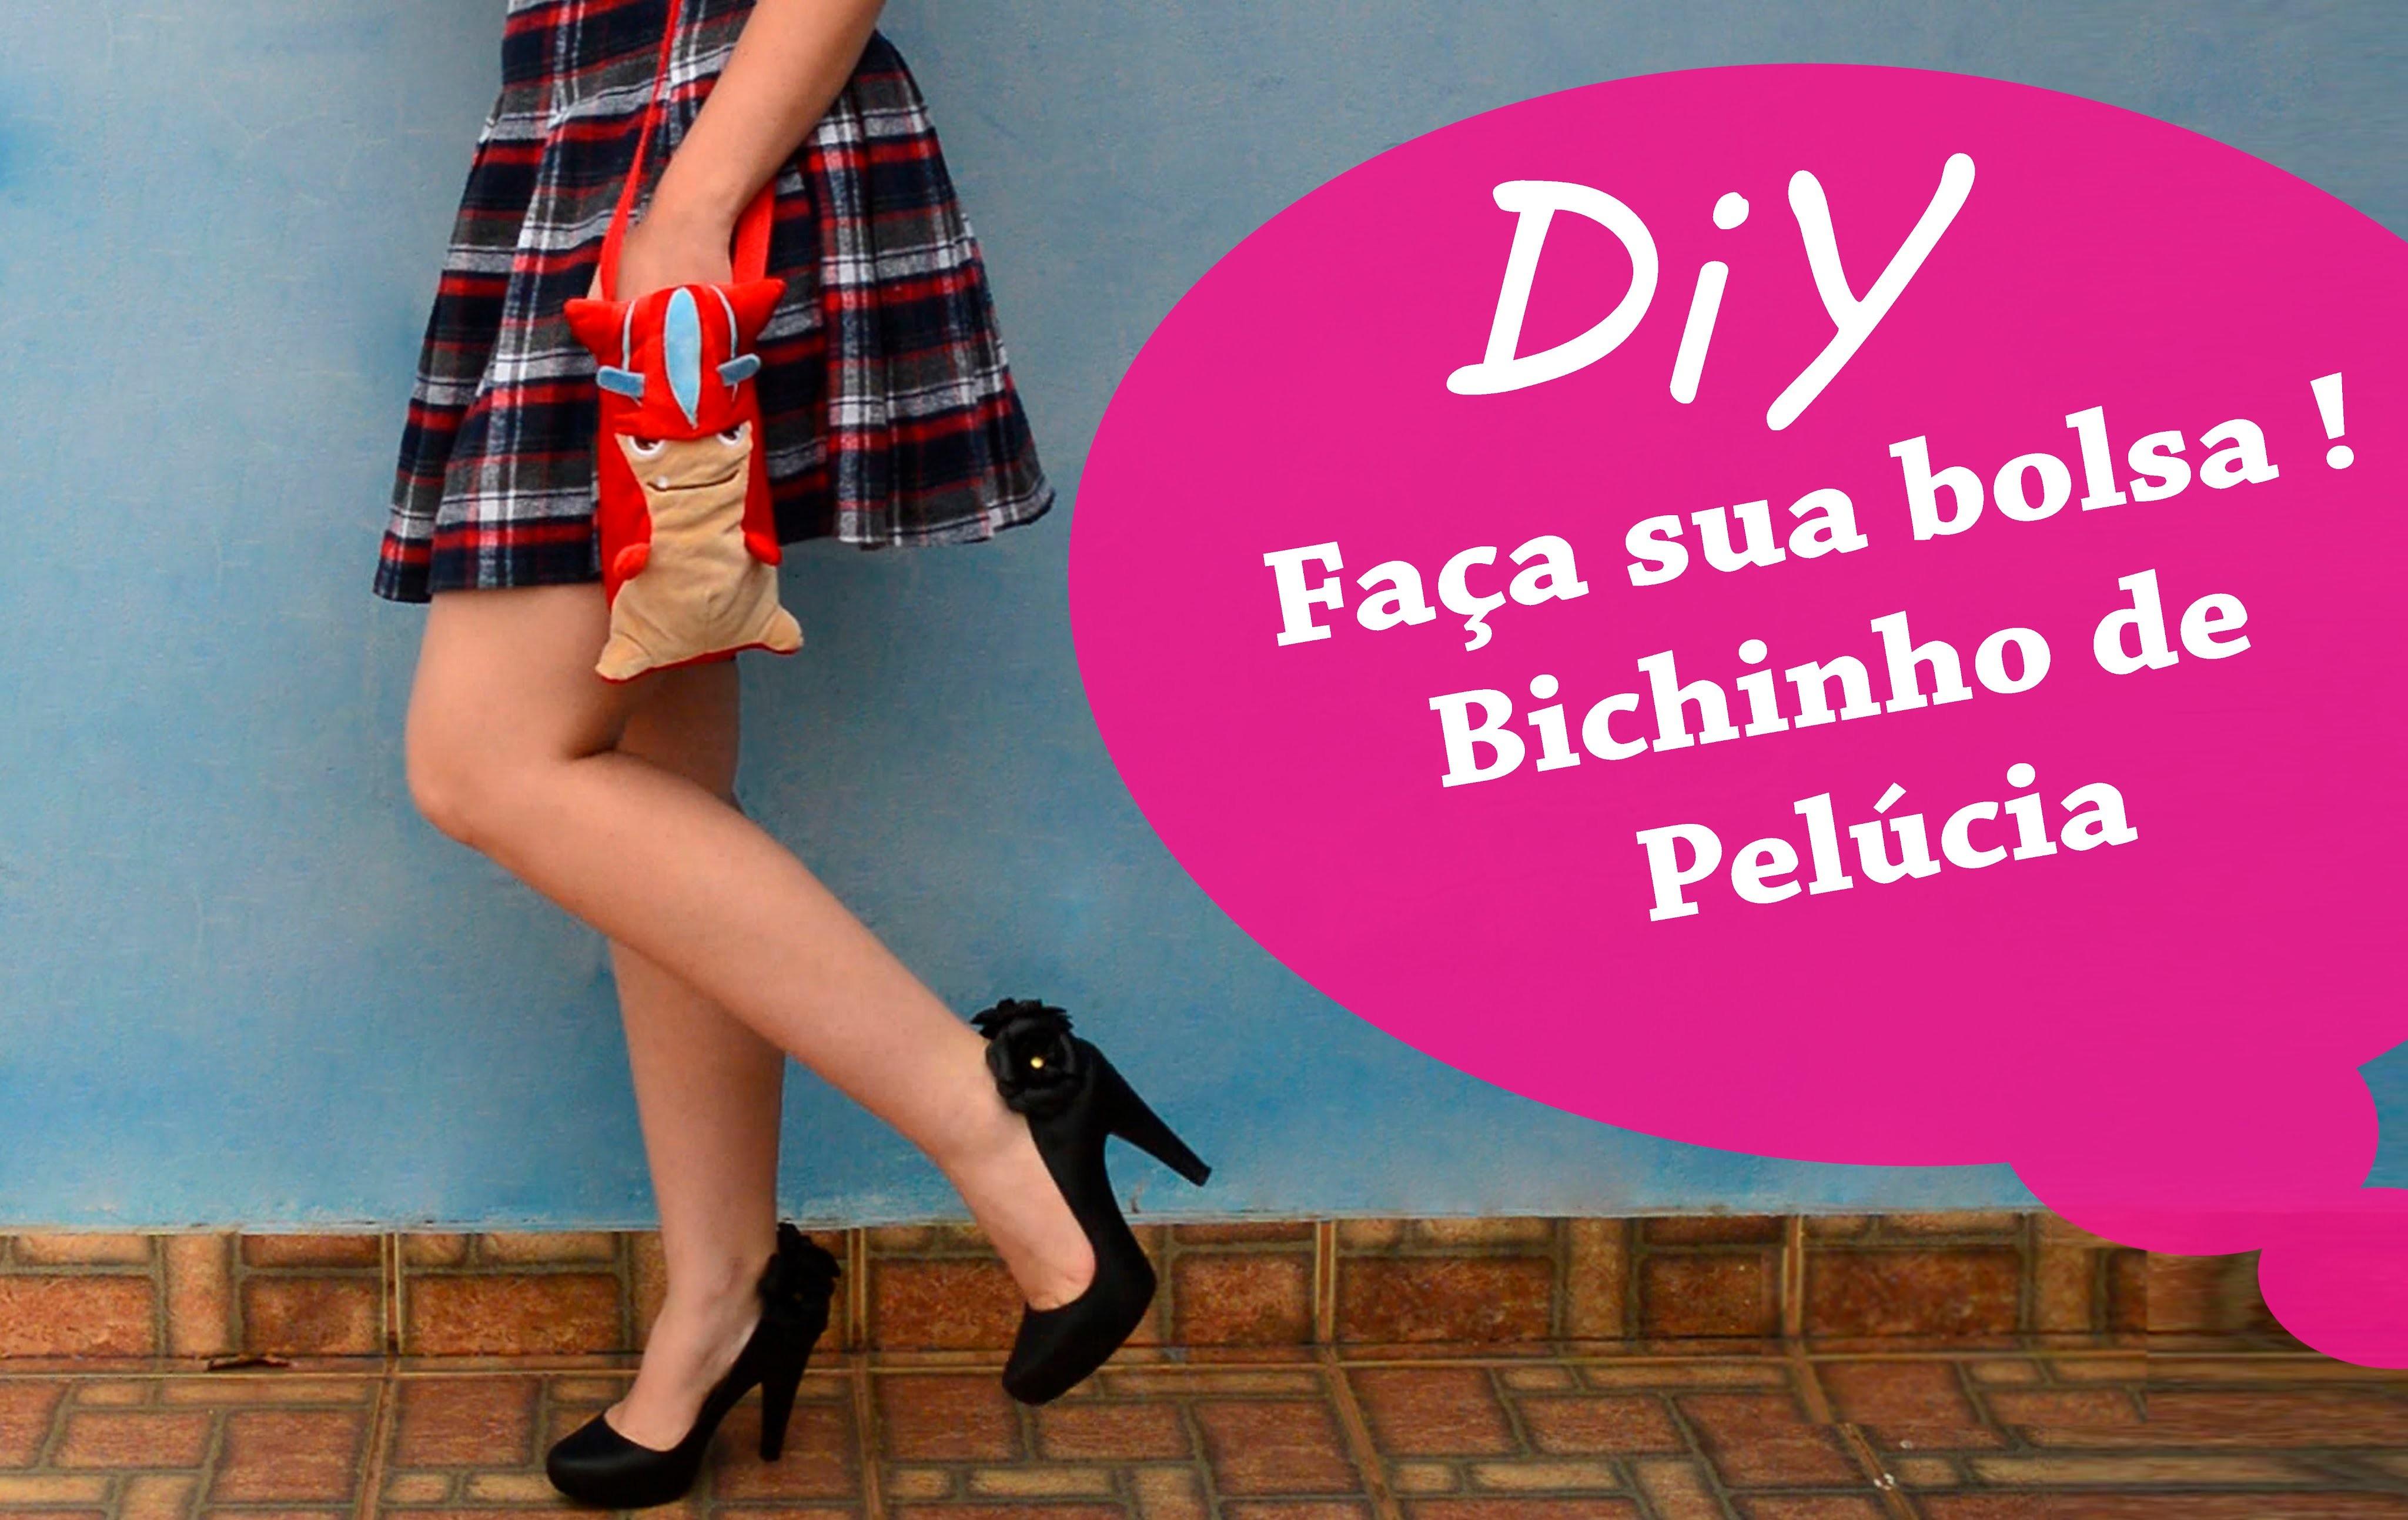 DIY - Bolsa de Bichinho de Pelúcia